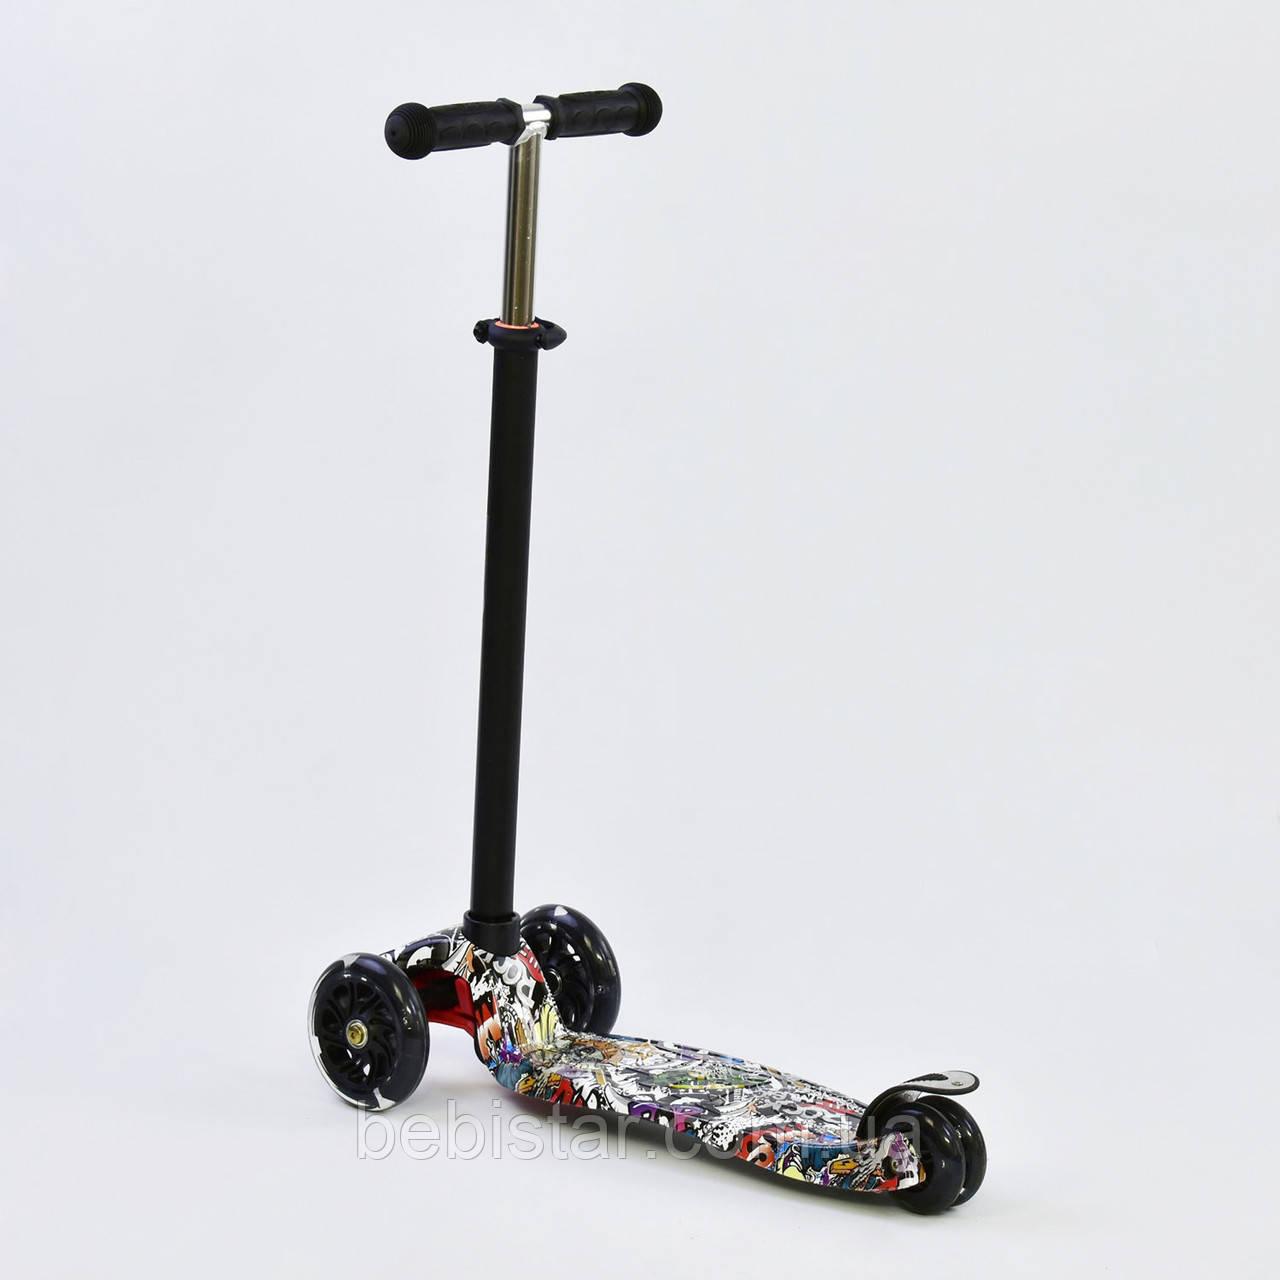 Самокат детский граффити белое MAXI Best Scooter со светящимися черными колесами от 3 лет